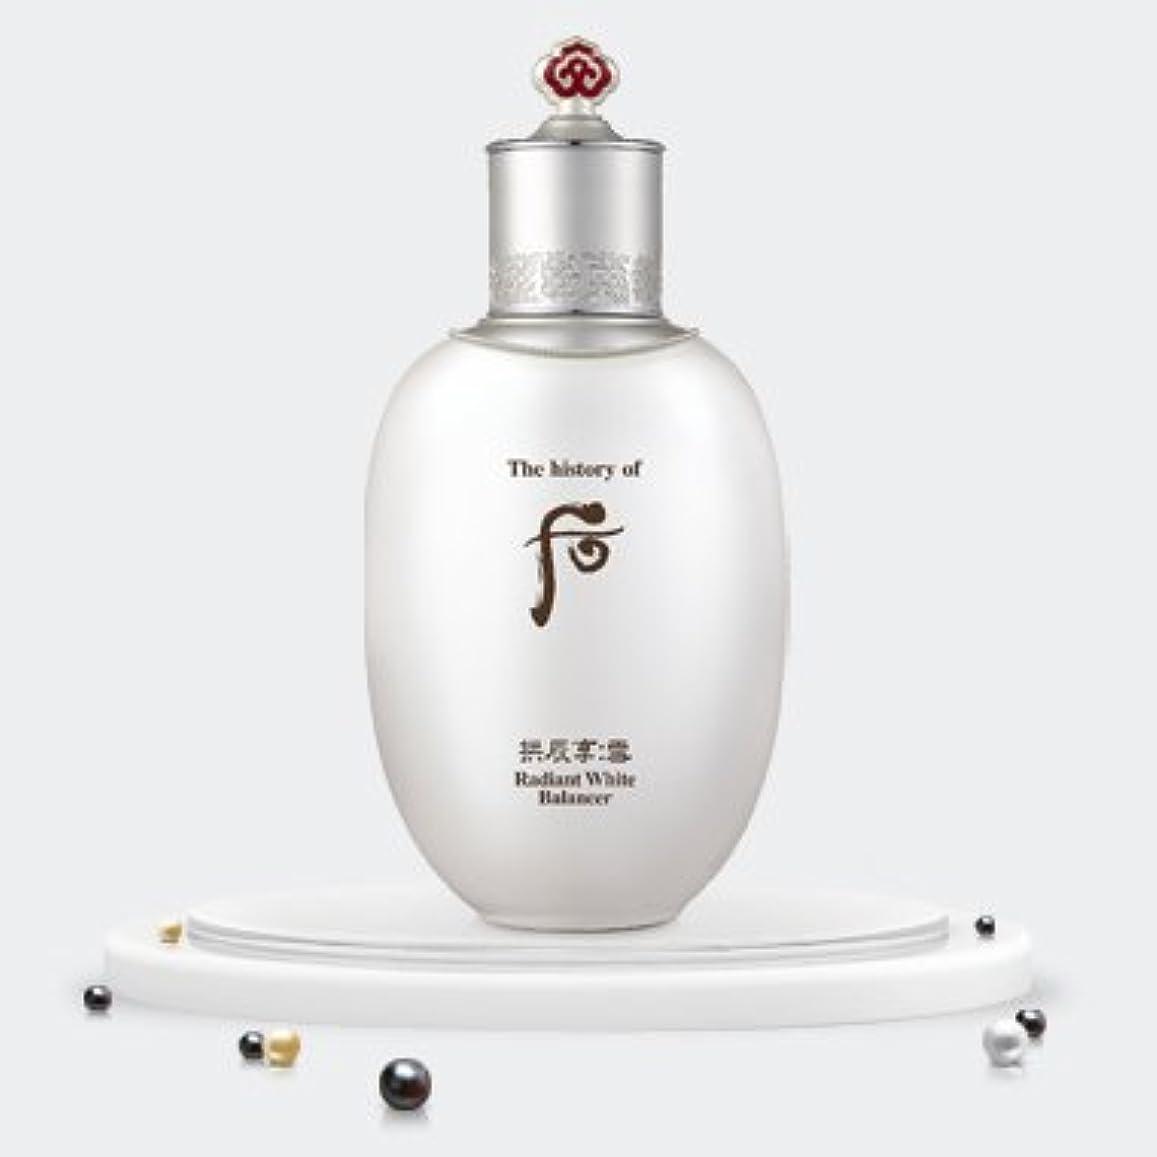 宇宙の一目ビームThe history of Whoo Gongjinhyang Seol Radiant White Balancer 150ml/ザ ヒストリー オブ フー (后) 拱辰享 雪 ラディアント ホワイト バランサー 150ml